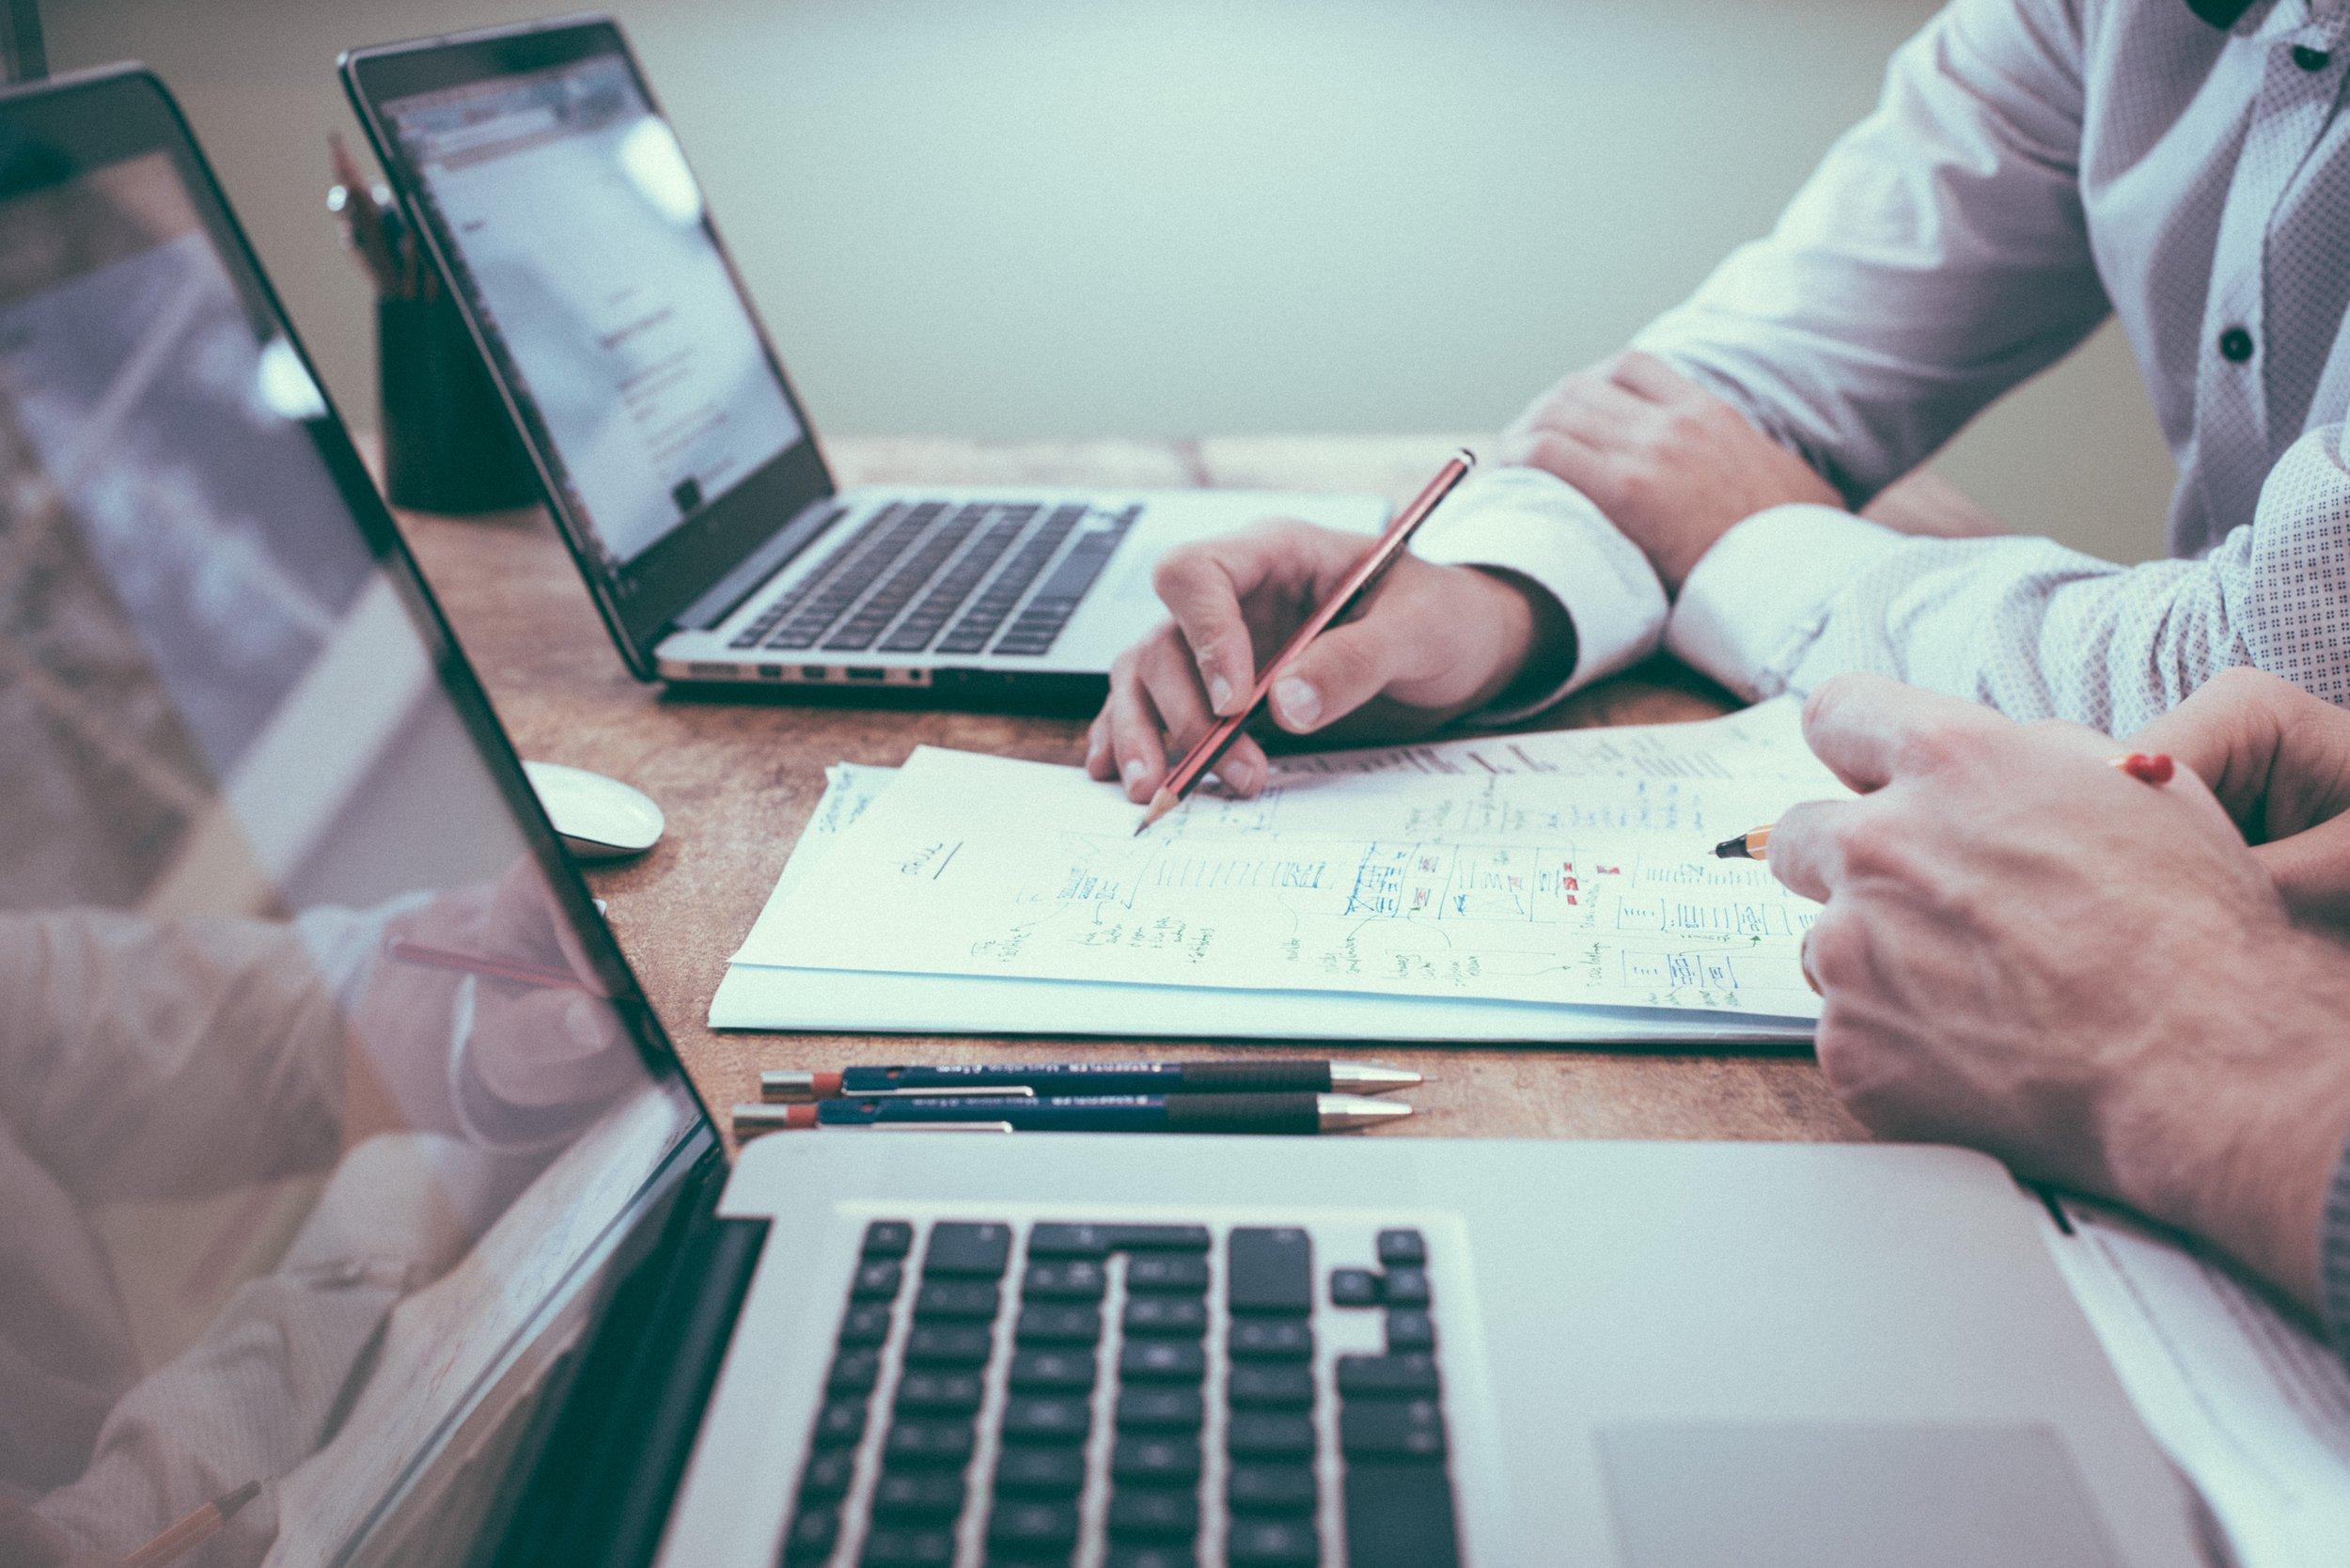 회계 및 시장평가 - 회계 법인의 주요 업무는 세무와 컨설팅이며 기업의 북미 진출을 도와드리고 있습니다. 시장 평가를 통해 잠재 시장의 크기와 목표 고객, 이익 규모를 추정하고 중장기적 목표 고객을 파악하여 매출 계획을 수립합니다. 시장 접근 전략을 통해 정부 인센티브를 적절히 이용하고 이를 통해 현금 흐름 지원부터 제품의 현지화와 브랜드 이미지 재고 등의 효과를 증대시킬 수 있습니다. 마지막으로 법인 설립 및 구조를 파악하고 관련 업종의 정확한 세무 및 관련 법안을 이해하게 하며 세법상의 비 거주 법인으로서 각종 원천징수, 부과세, 법인세 이해 및 절세 방안을 제안합니다.